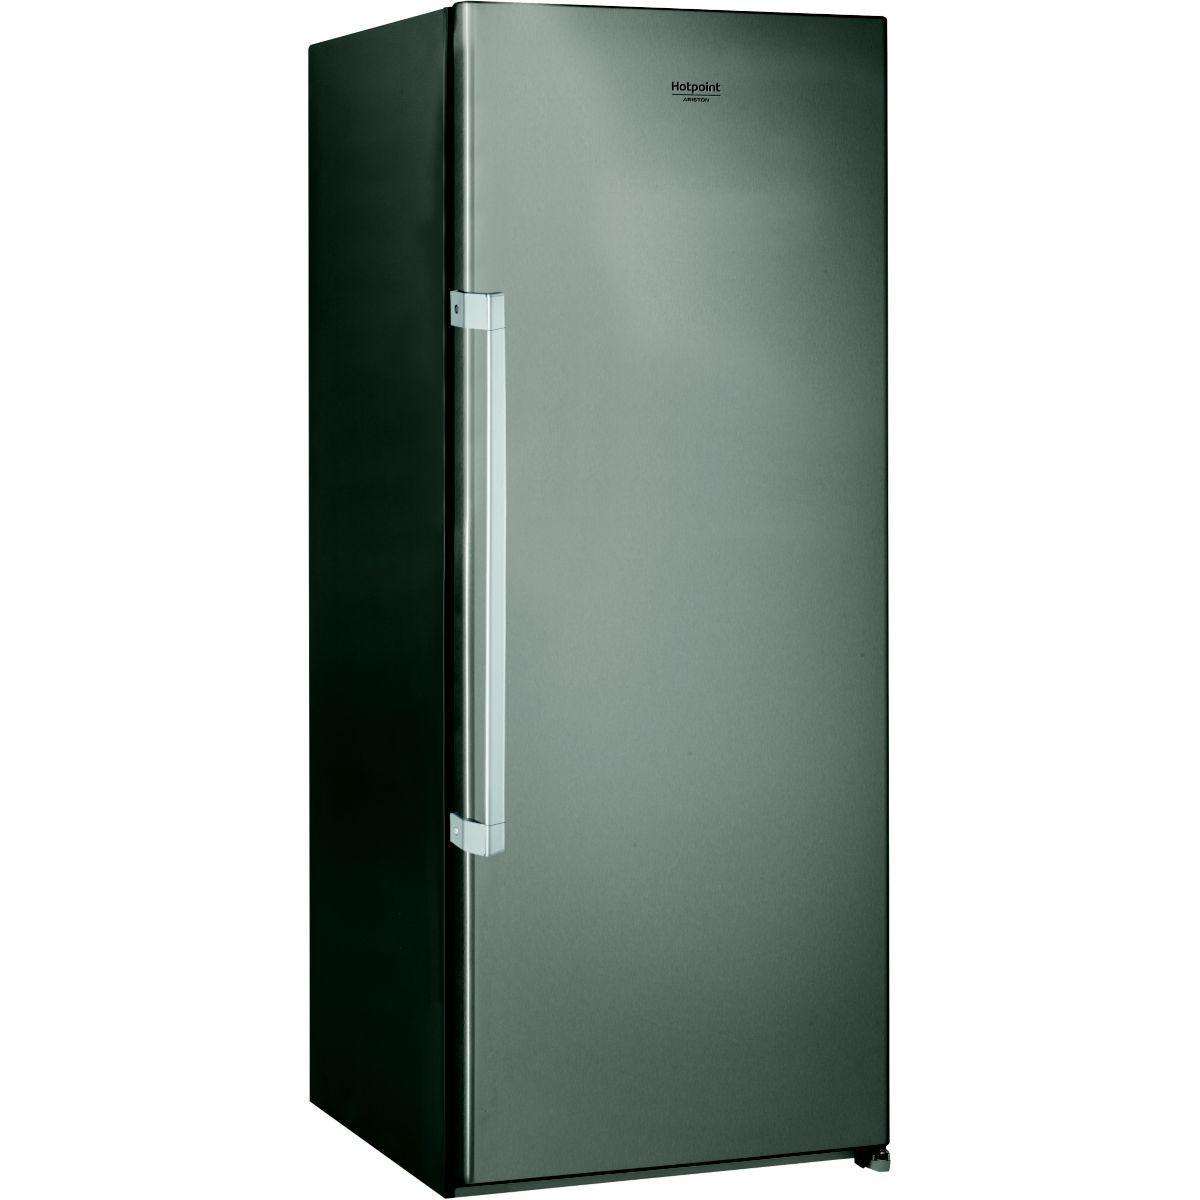 Réfrigérateur 1 porte HOTPOINT SH61QXRD